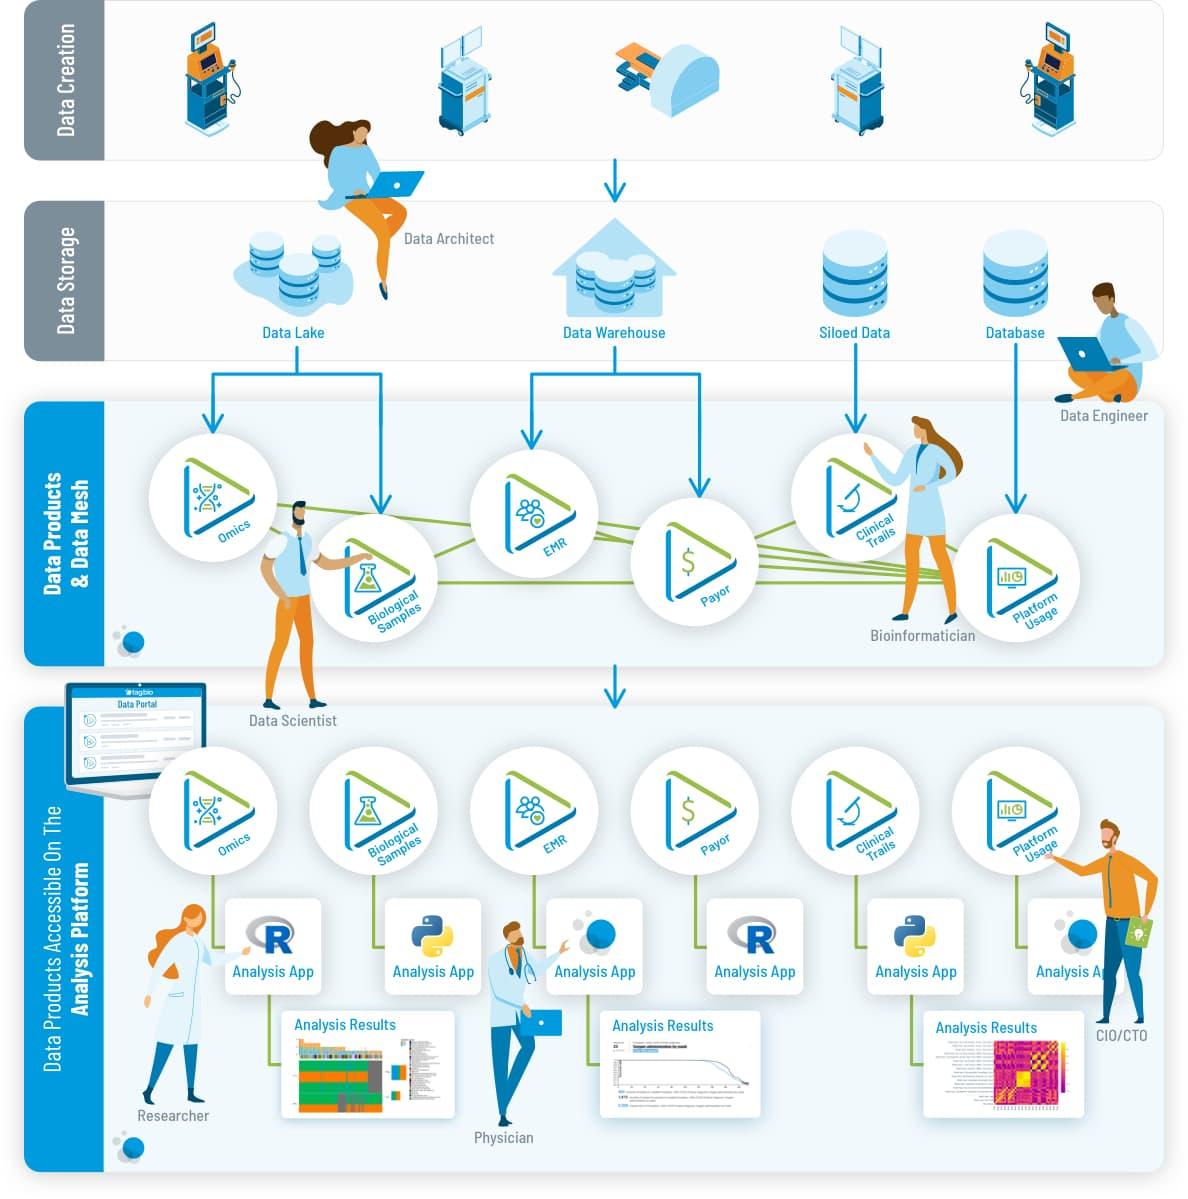 Tag.bio data to analysis process